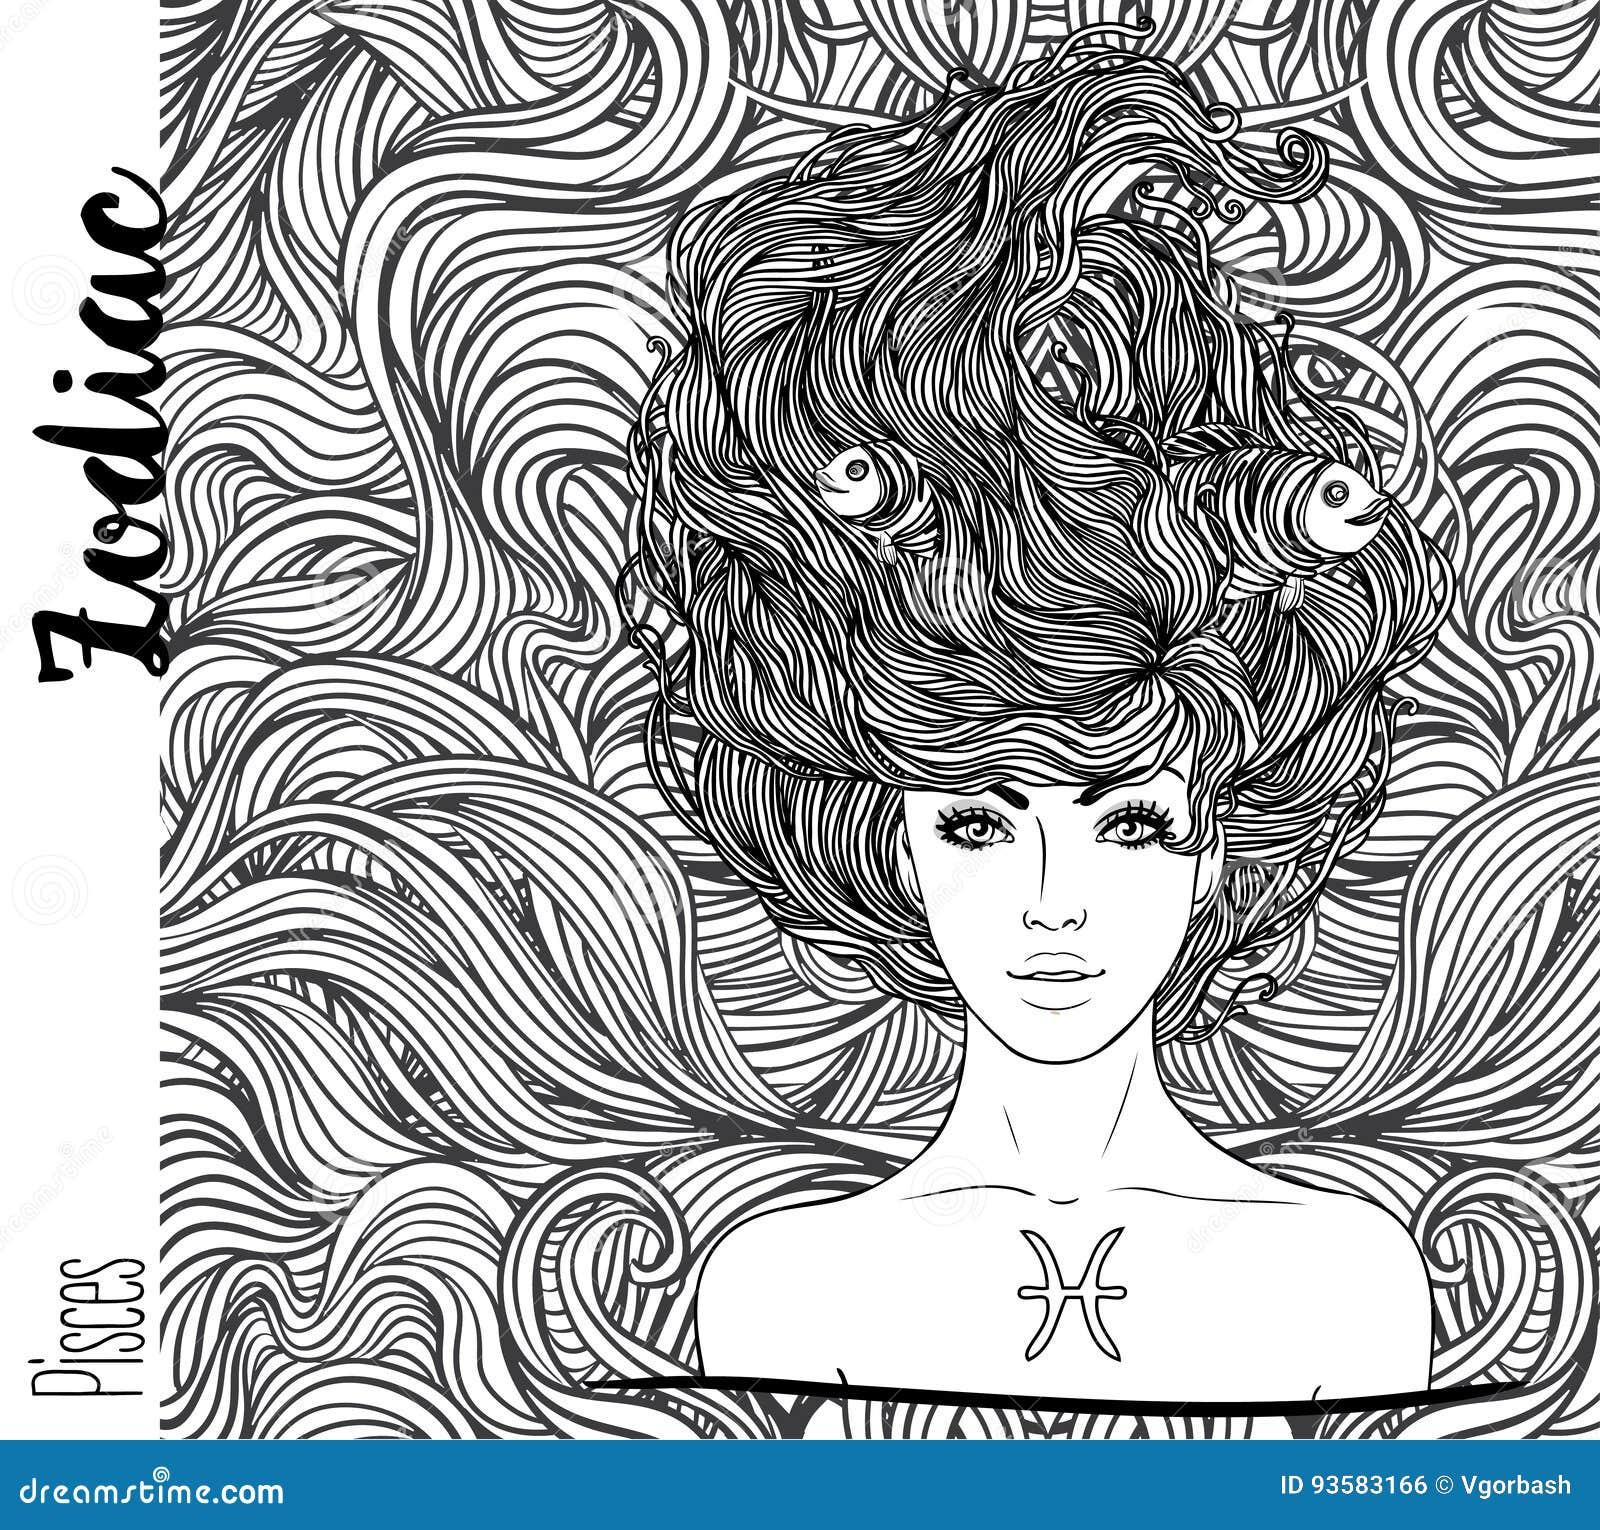 Zodiaco: Illustrazione del segno dello zodiaco di pesci come bella ragazza